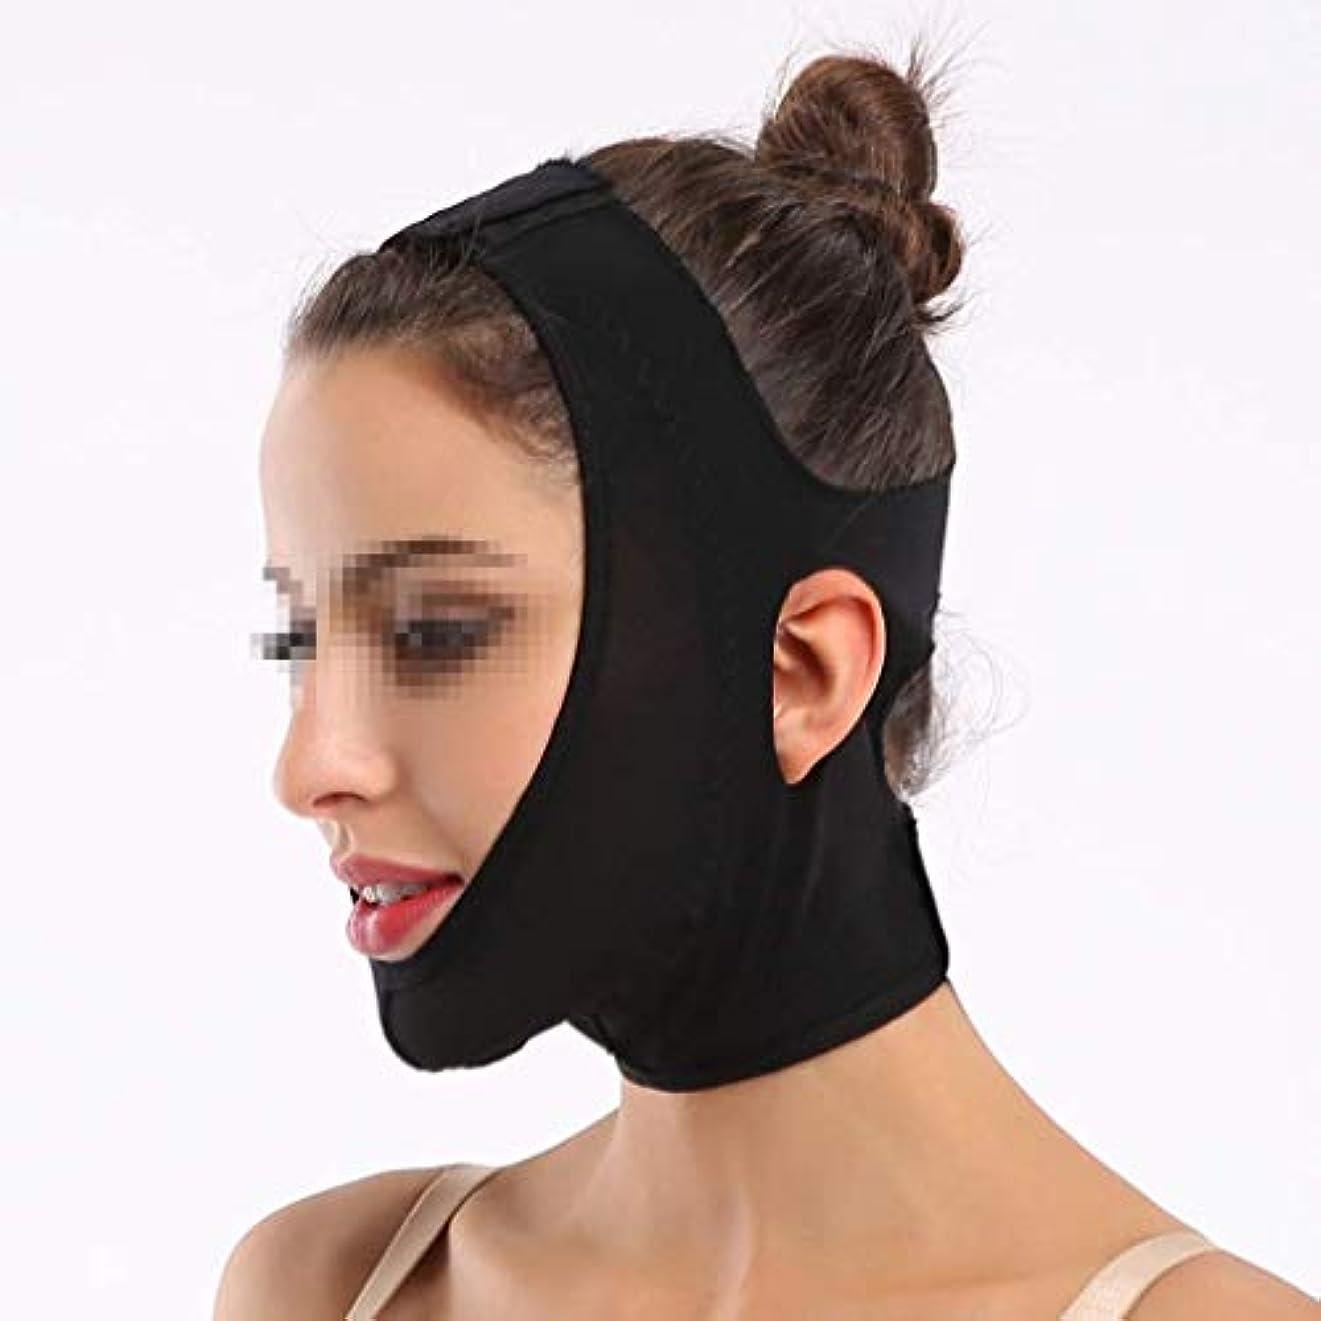 道徳の作り遠征Vフェイスマスク、包帯マスクを持ち上げて引き締めるスキニービューティーサロン1日2時間Vフェイスマッサージ術後回復